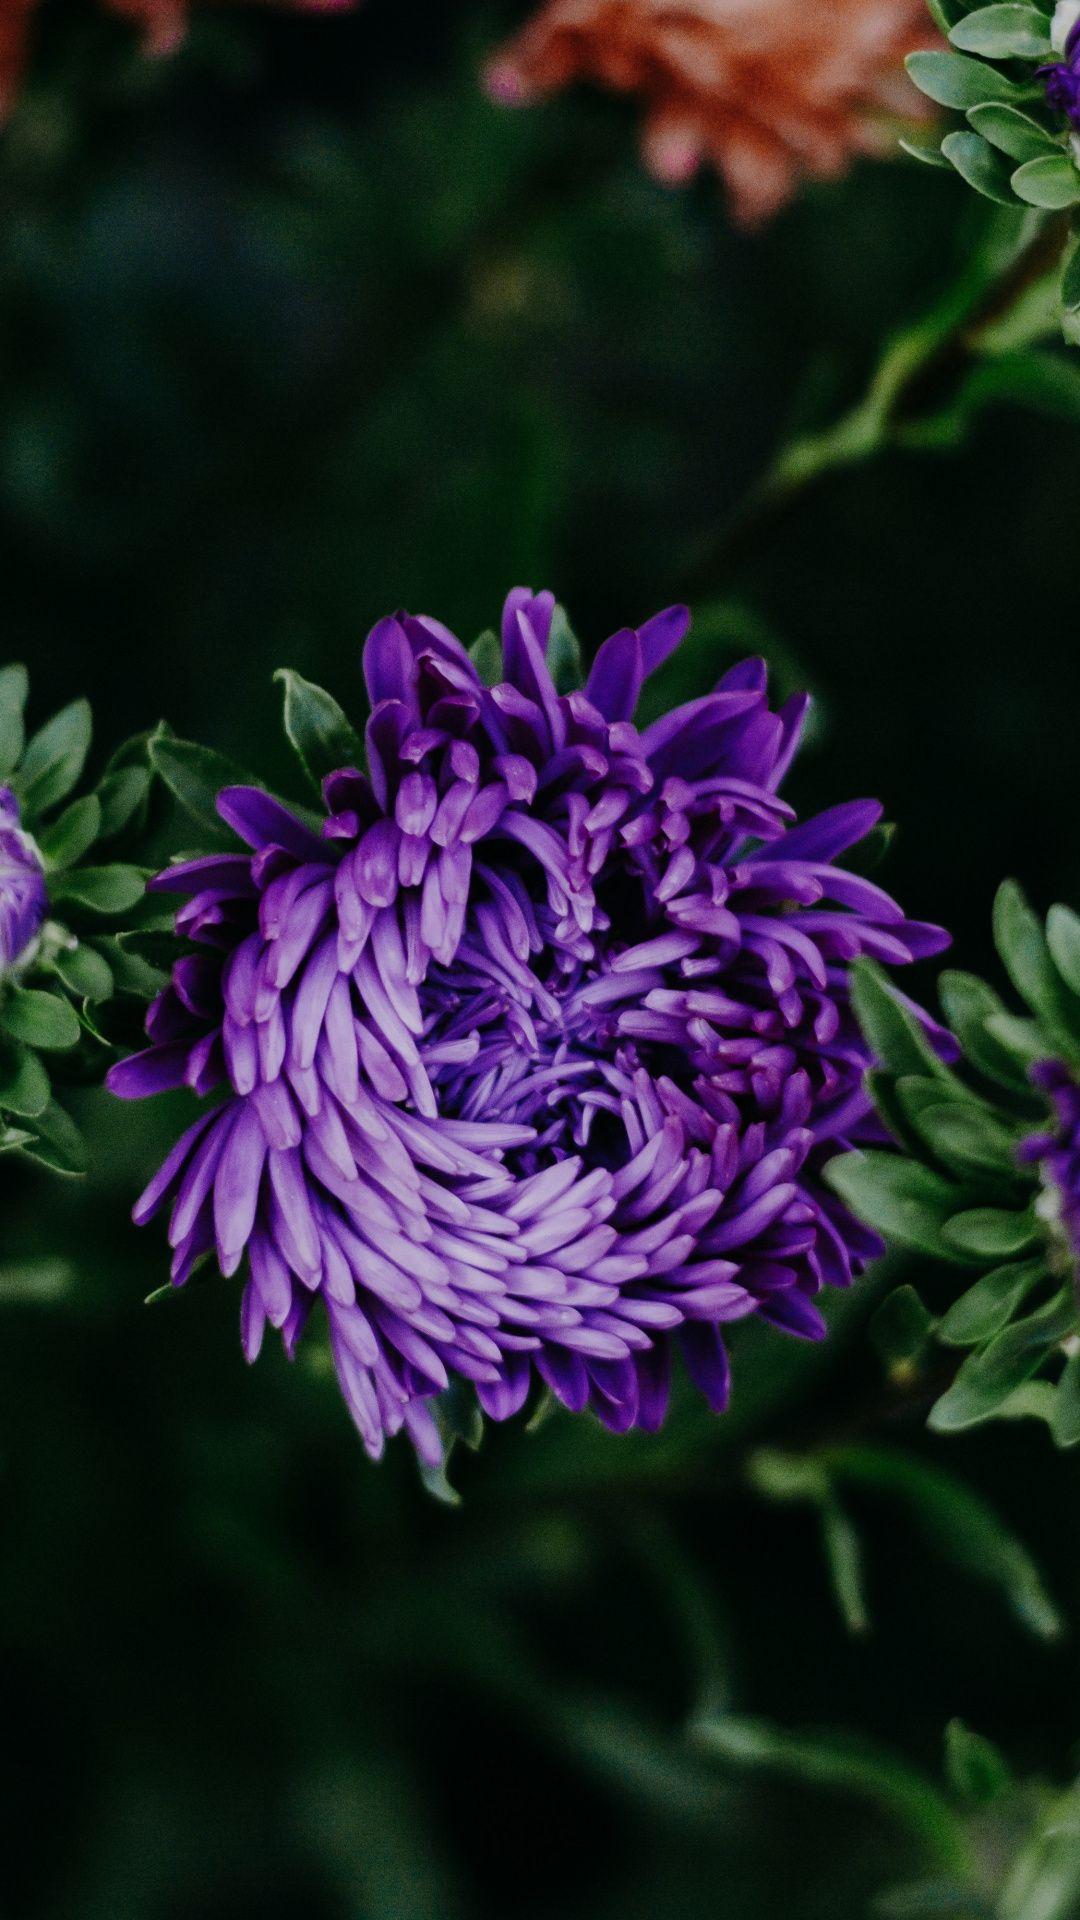 Purple Flower Chrysanthemums Bloom 1080x1920 Wallpaper Purple Flowers Flowers Bloom